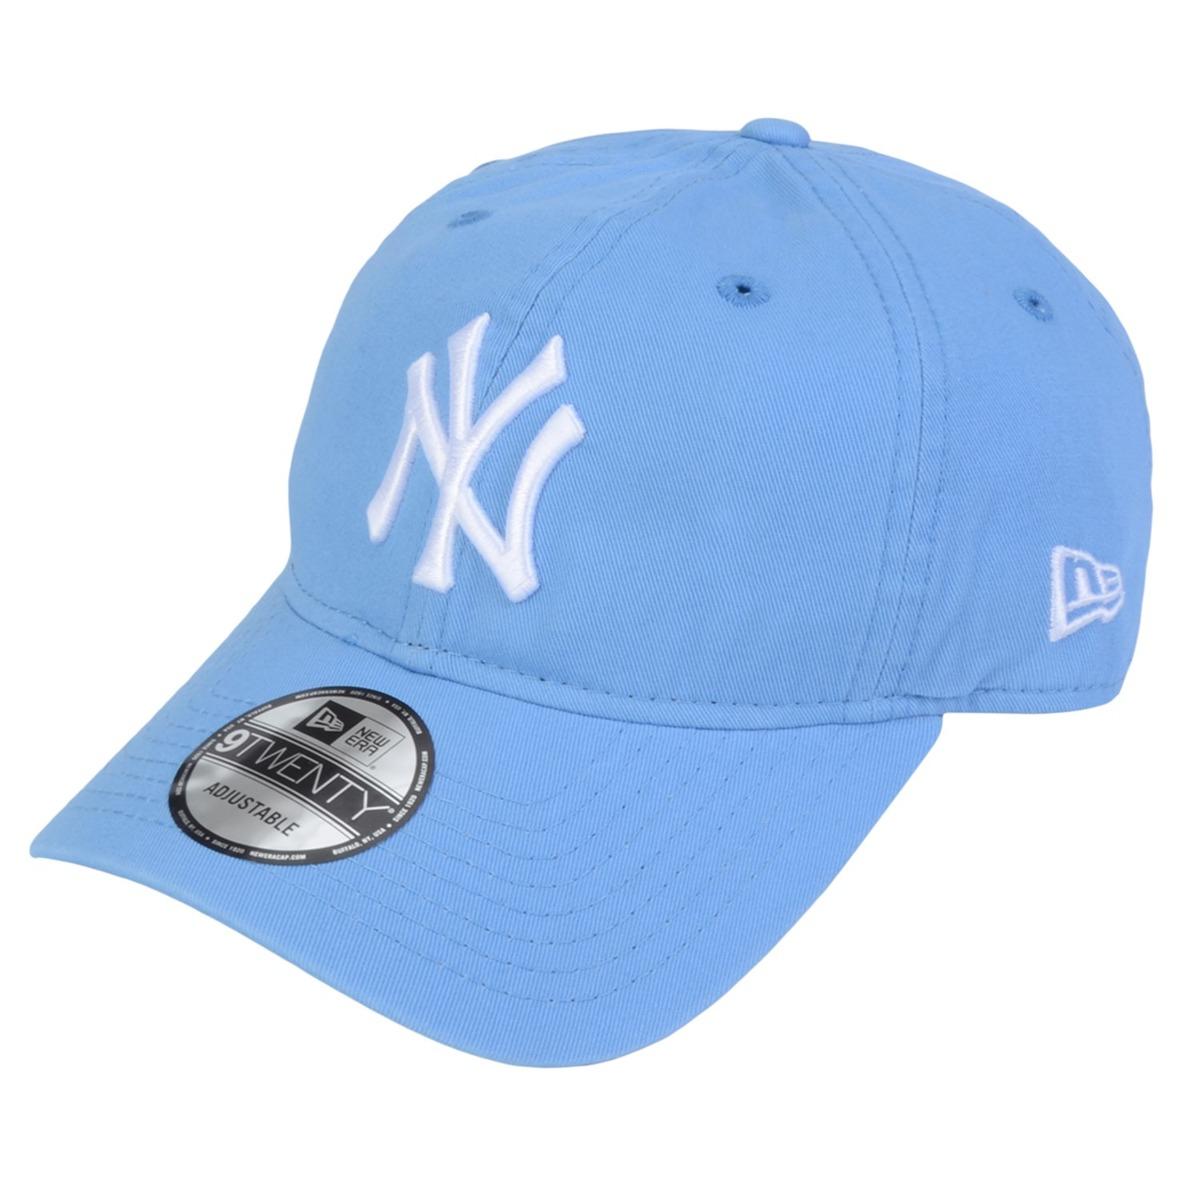 8776c2d40 boné new era candy color new york yankees mlb azul. Carregando zoom.